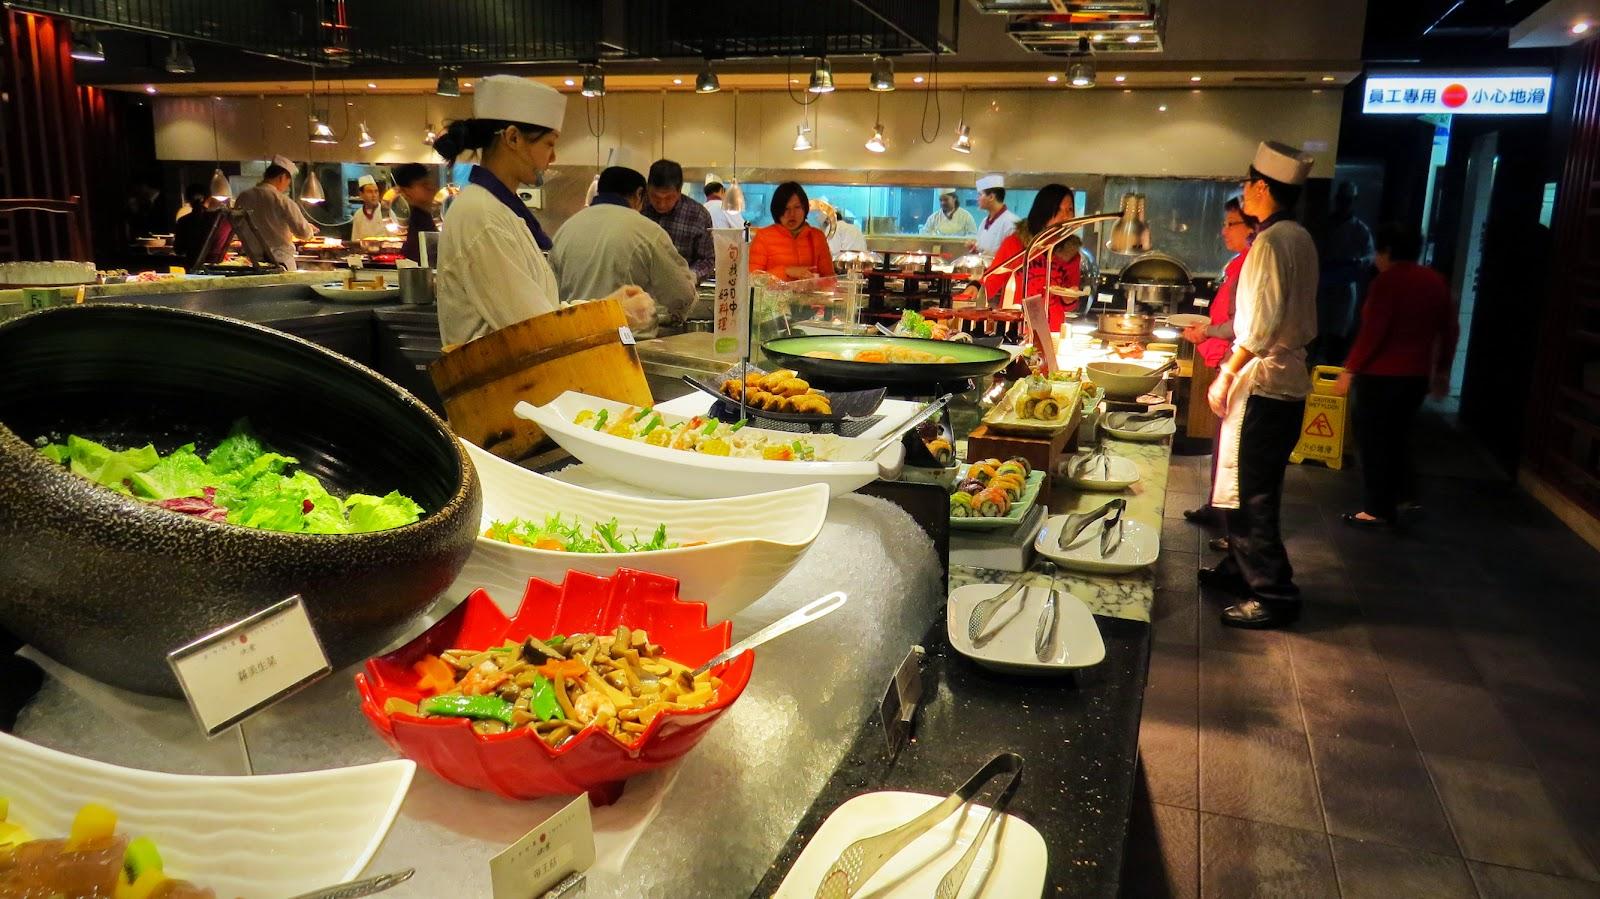 【食記】欣葉日本料理(館前店)。精緻美味吃到飽更勝饗食!? - 咖尼馬管家的筆記